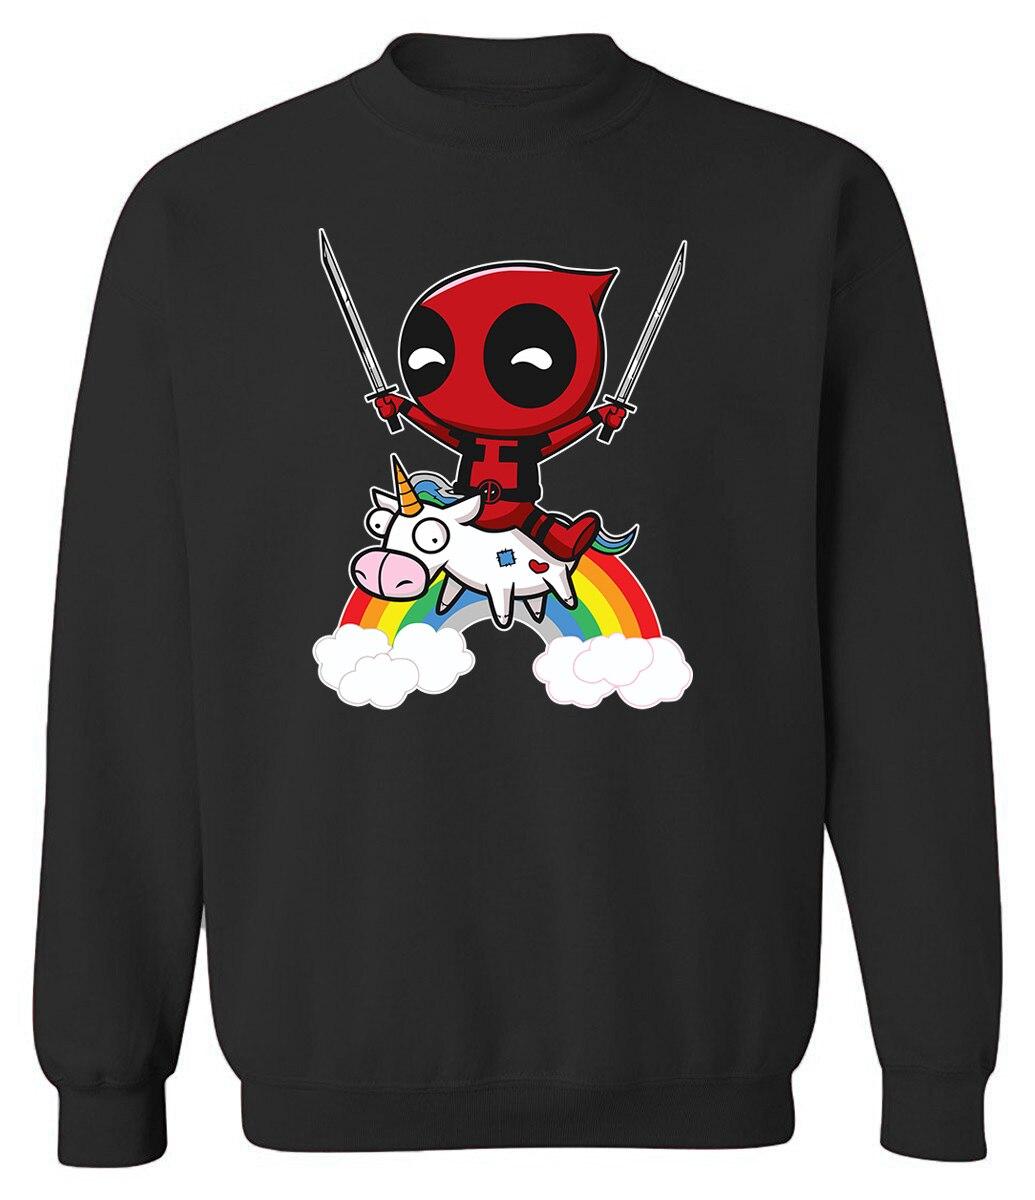 Autumn Winter 2019 New Arrival Sweatshirt For Men Hoodies Print DEADPOOL Cartoon Harajuku Streetwear Mens Hoody Pullover Hoodie